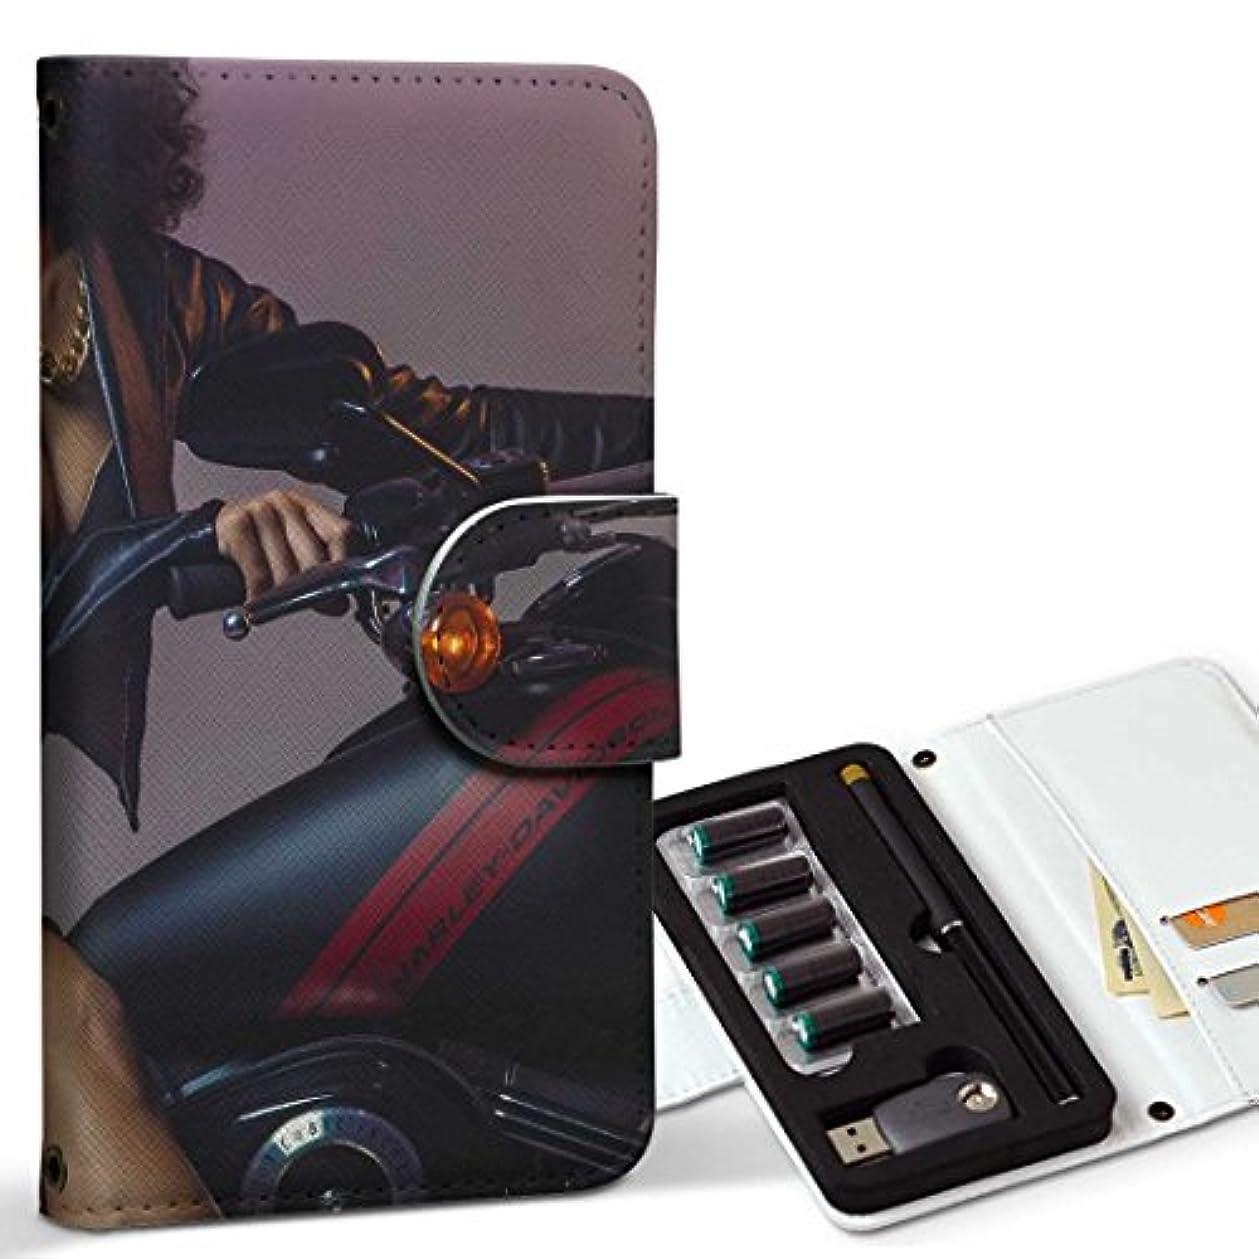 高さパーセントたらいスマコレ ploom TECH プルームテック 専用 レザーケース 手帳型 タバコ ケース カバー 合皮 ケース カバー 収納 プルームケース デザイン 革 女性 セクシー 写真 012689